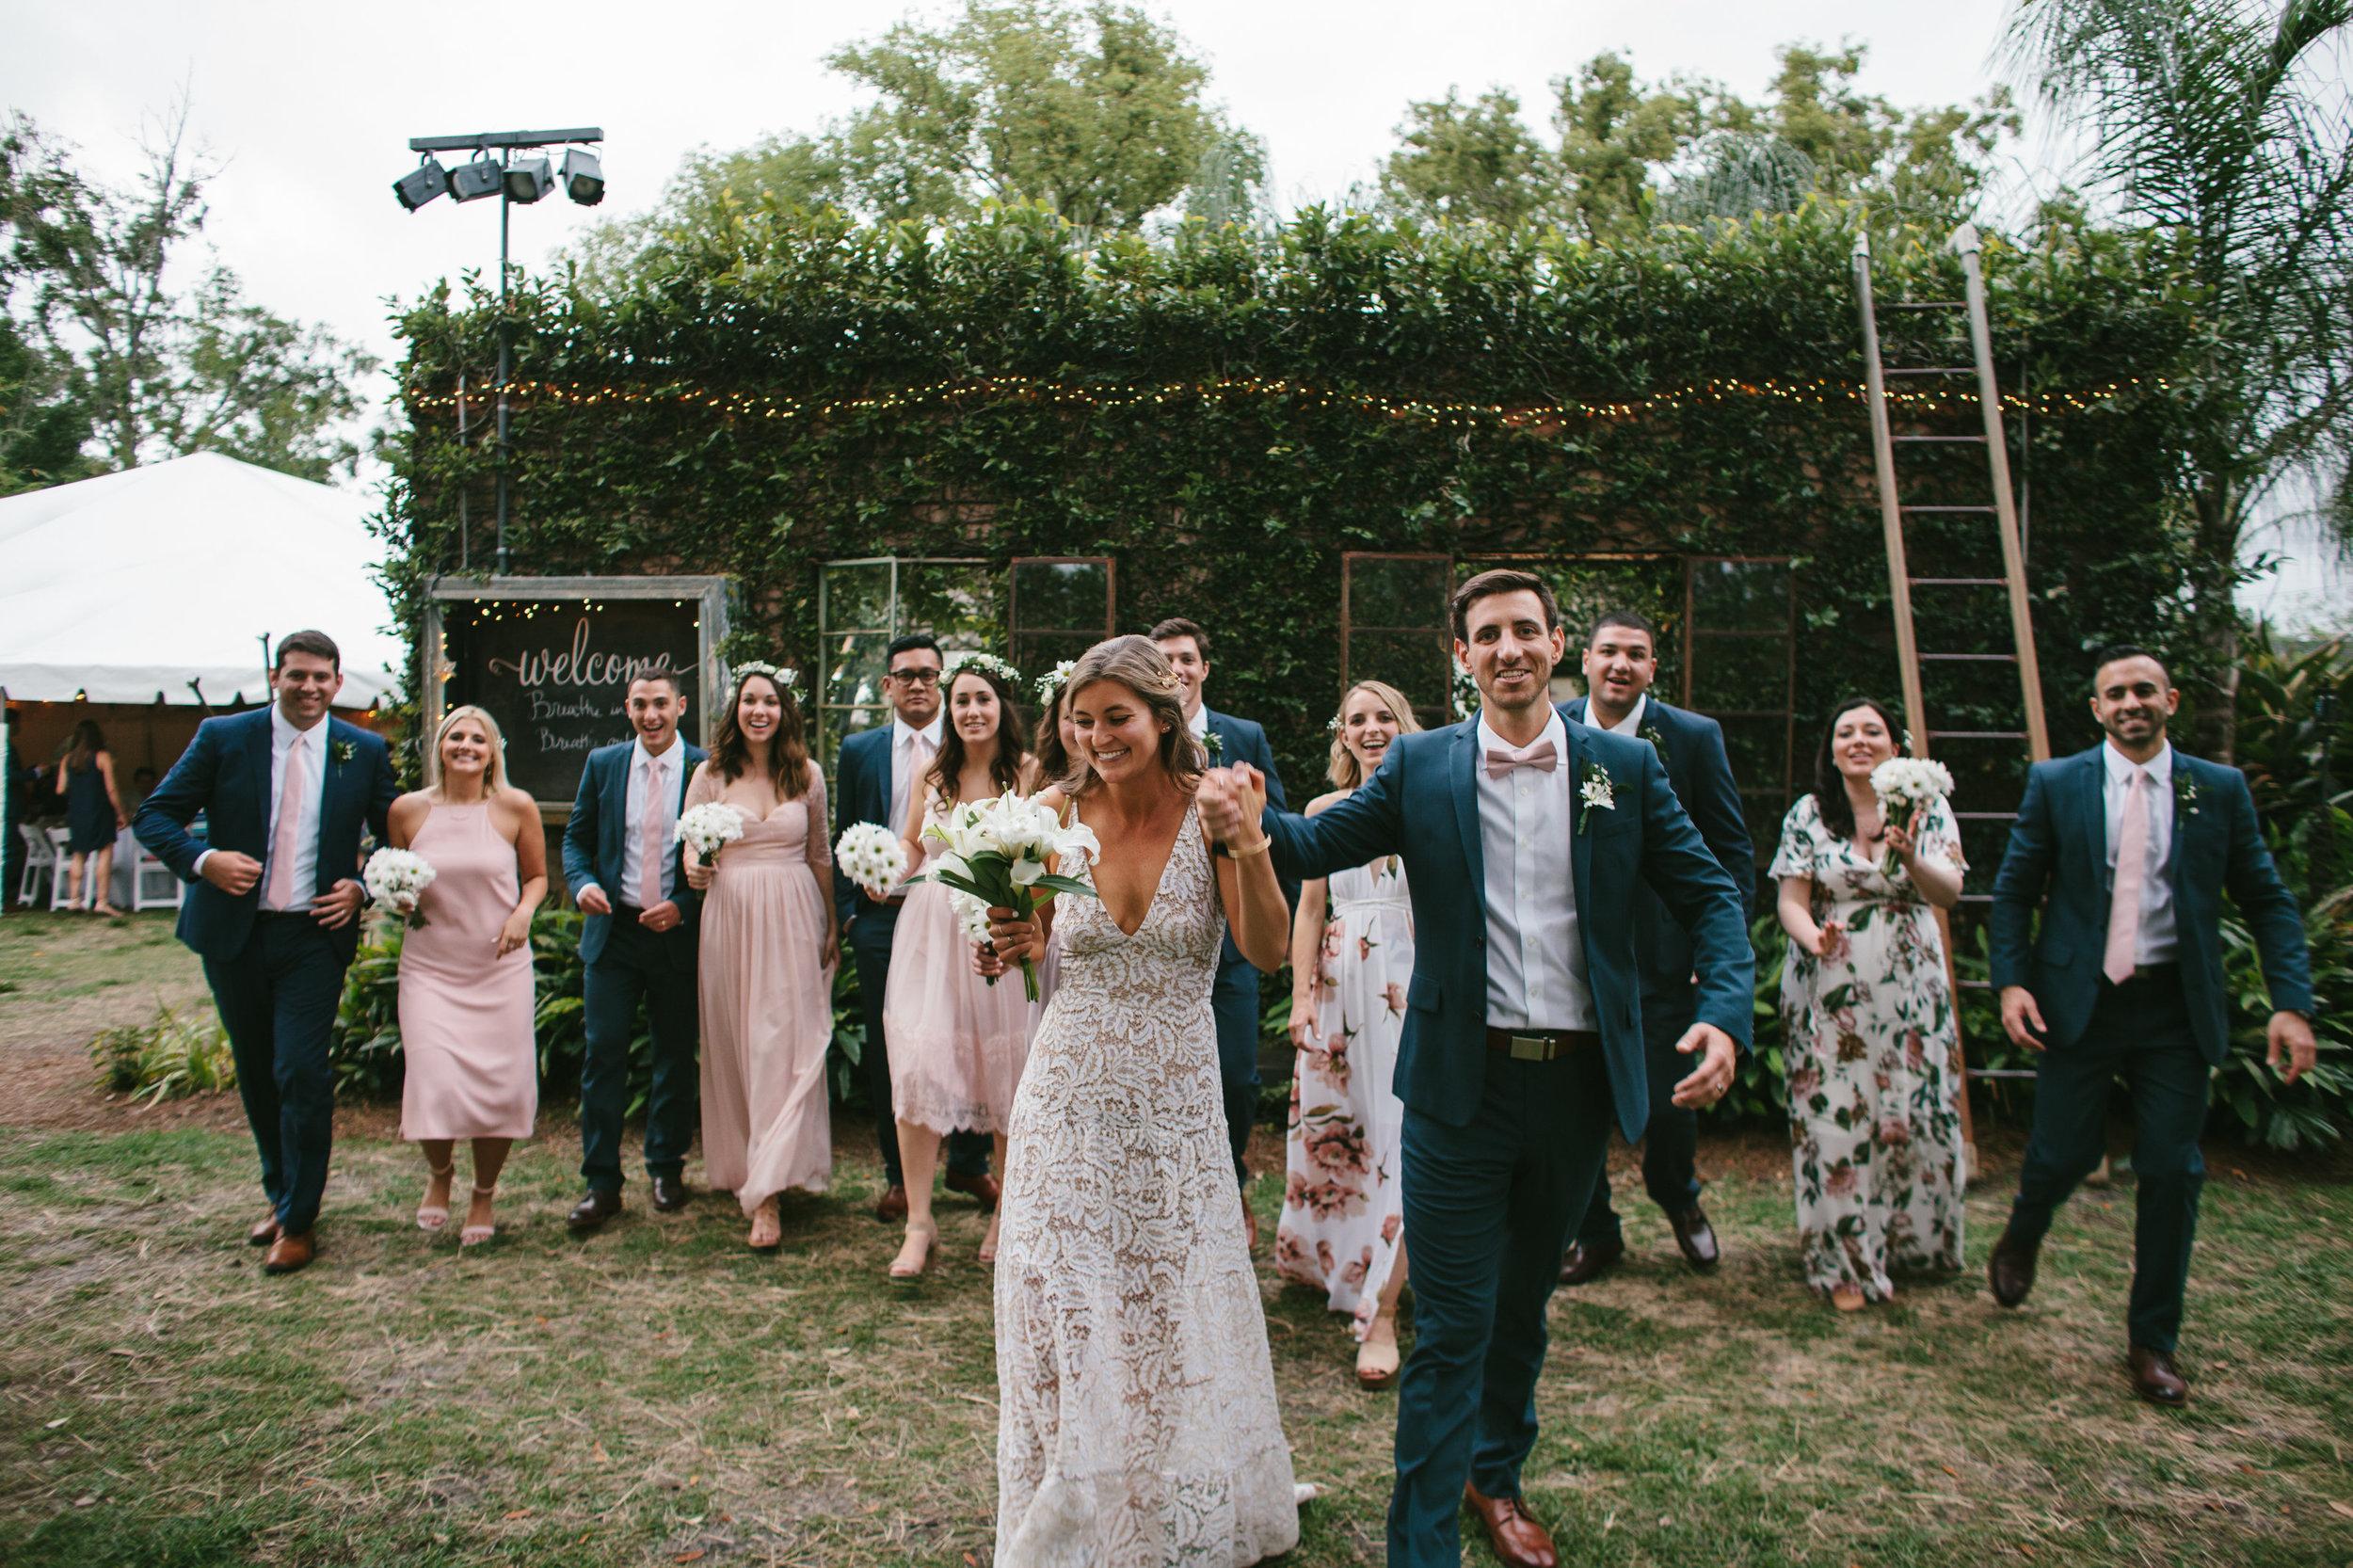 KATELYN AND PAUL WEDDING-KATELYN AND PAUL WEDDING II-0097.jpg